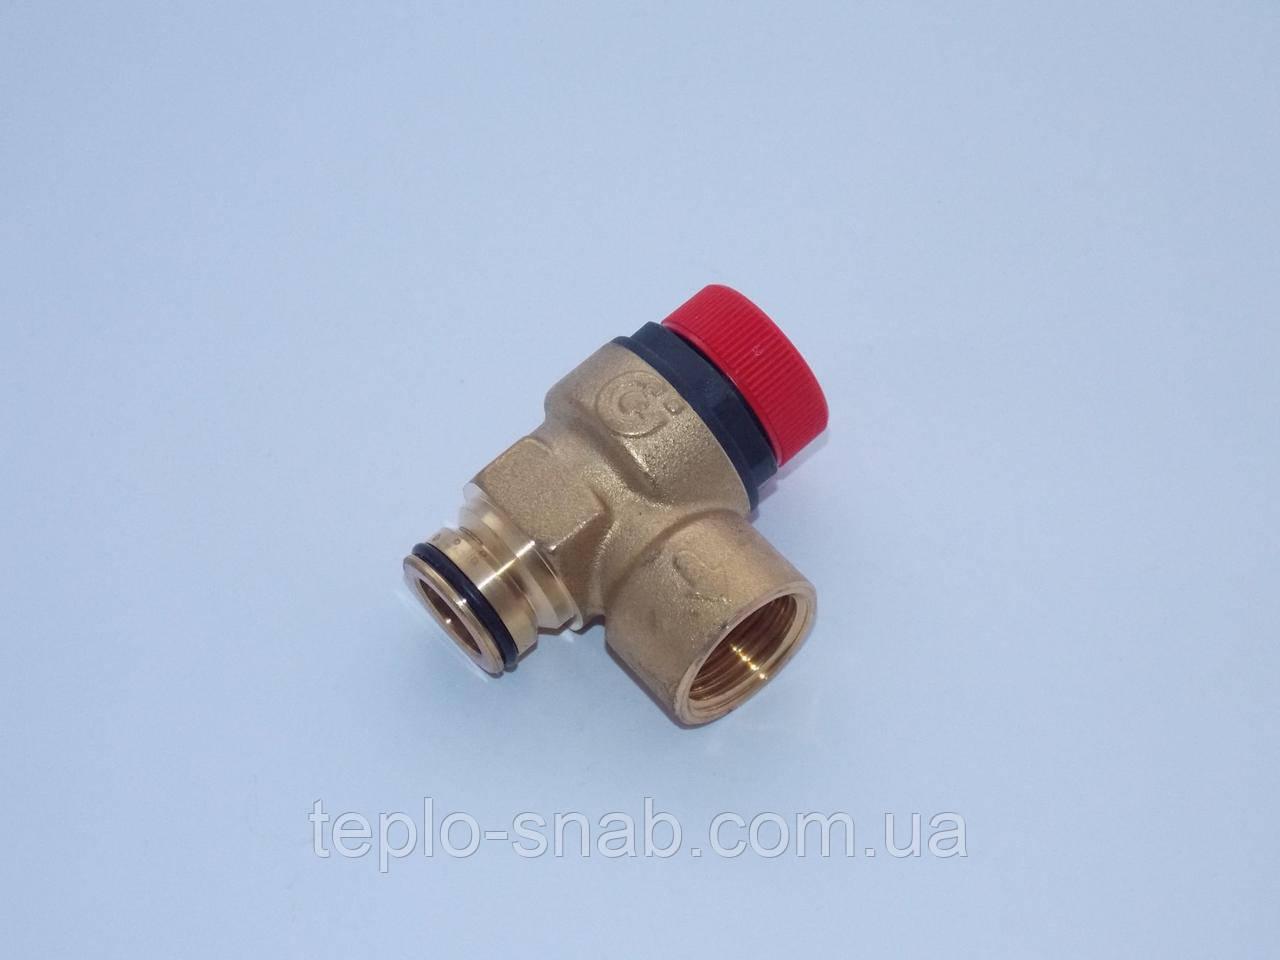 Предохранительный клапан (3 бар.) Ariston UNO, Microgenus Plus. 65103222 (ст. 997088)